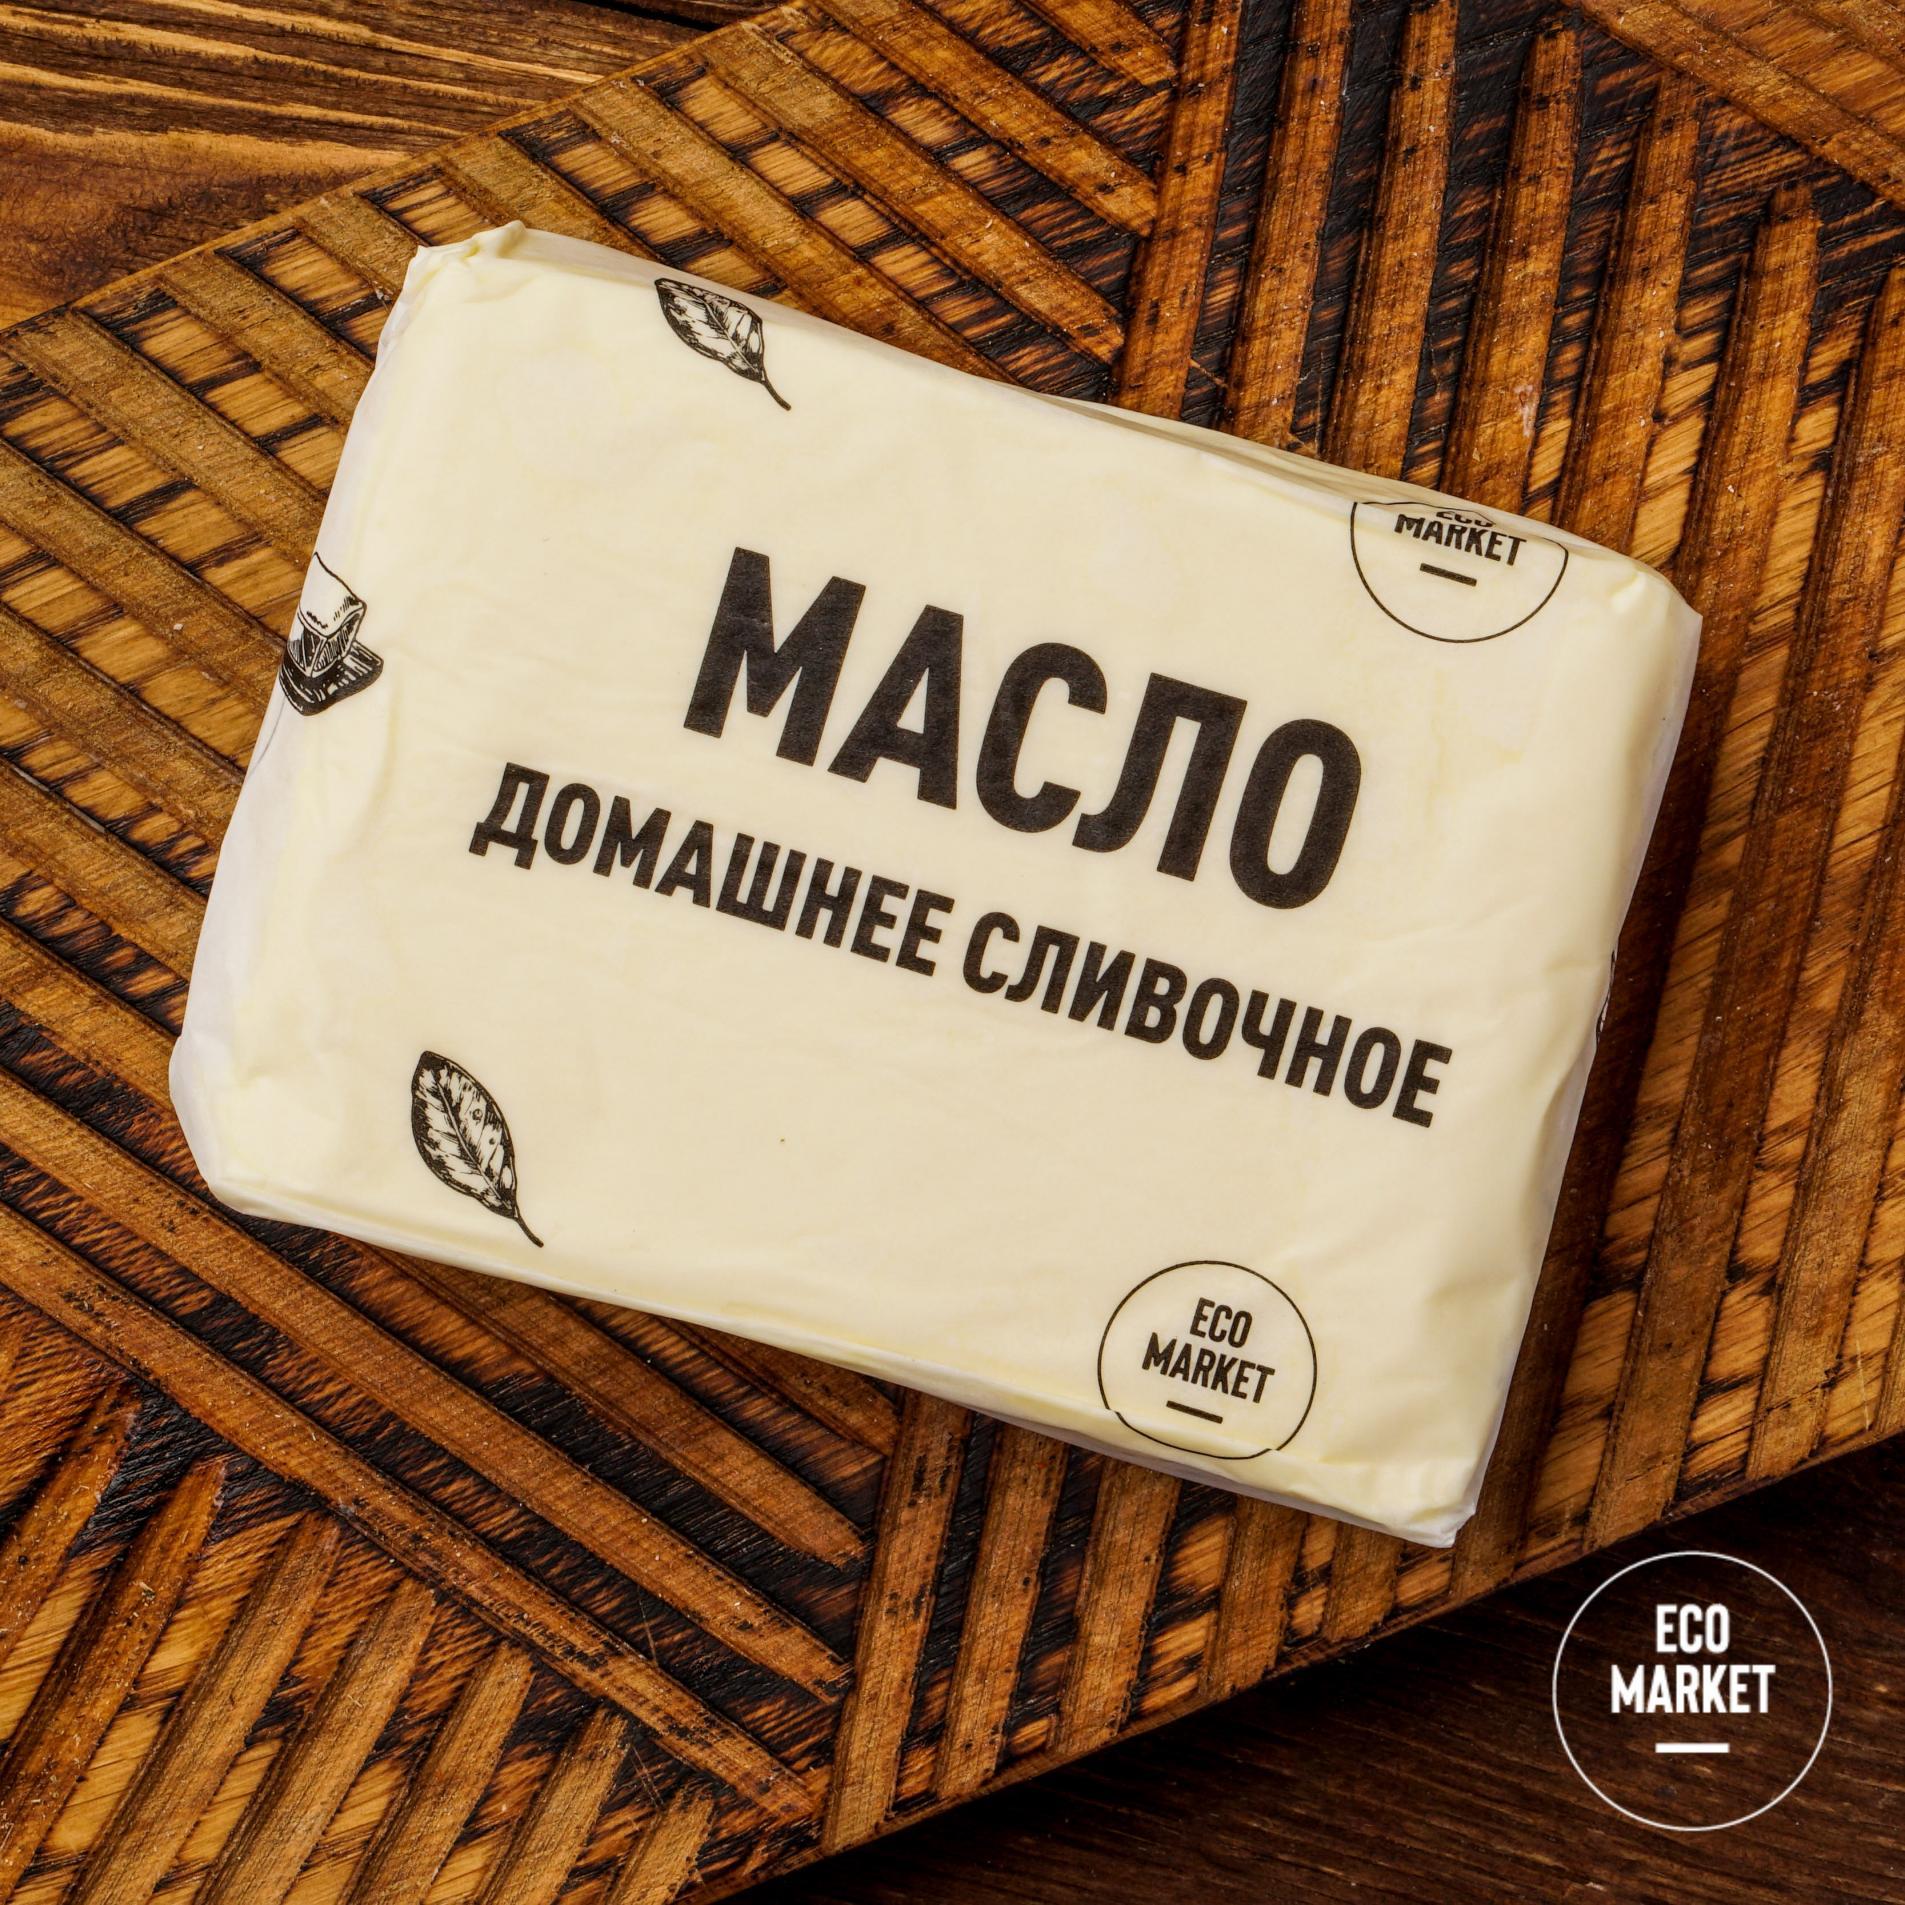 Масло домашнее сливочное Ecomarket.ru  ~ 250 г (0.25 кг)